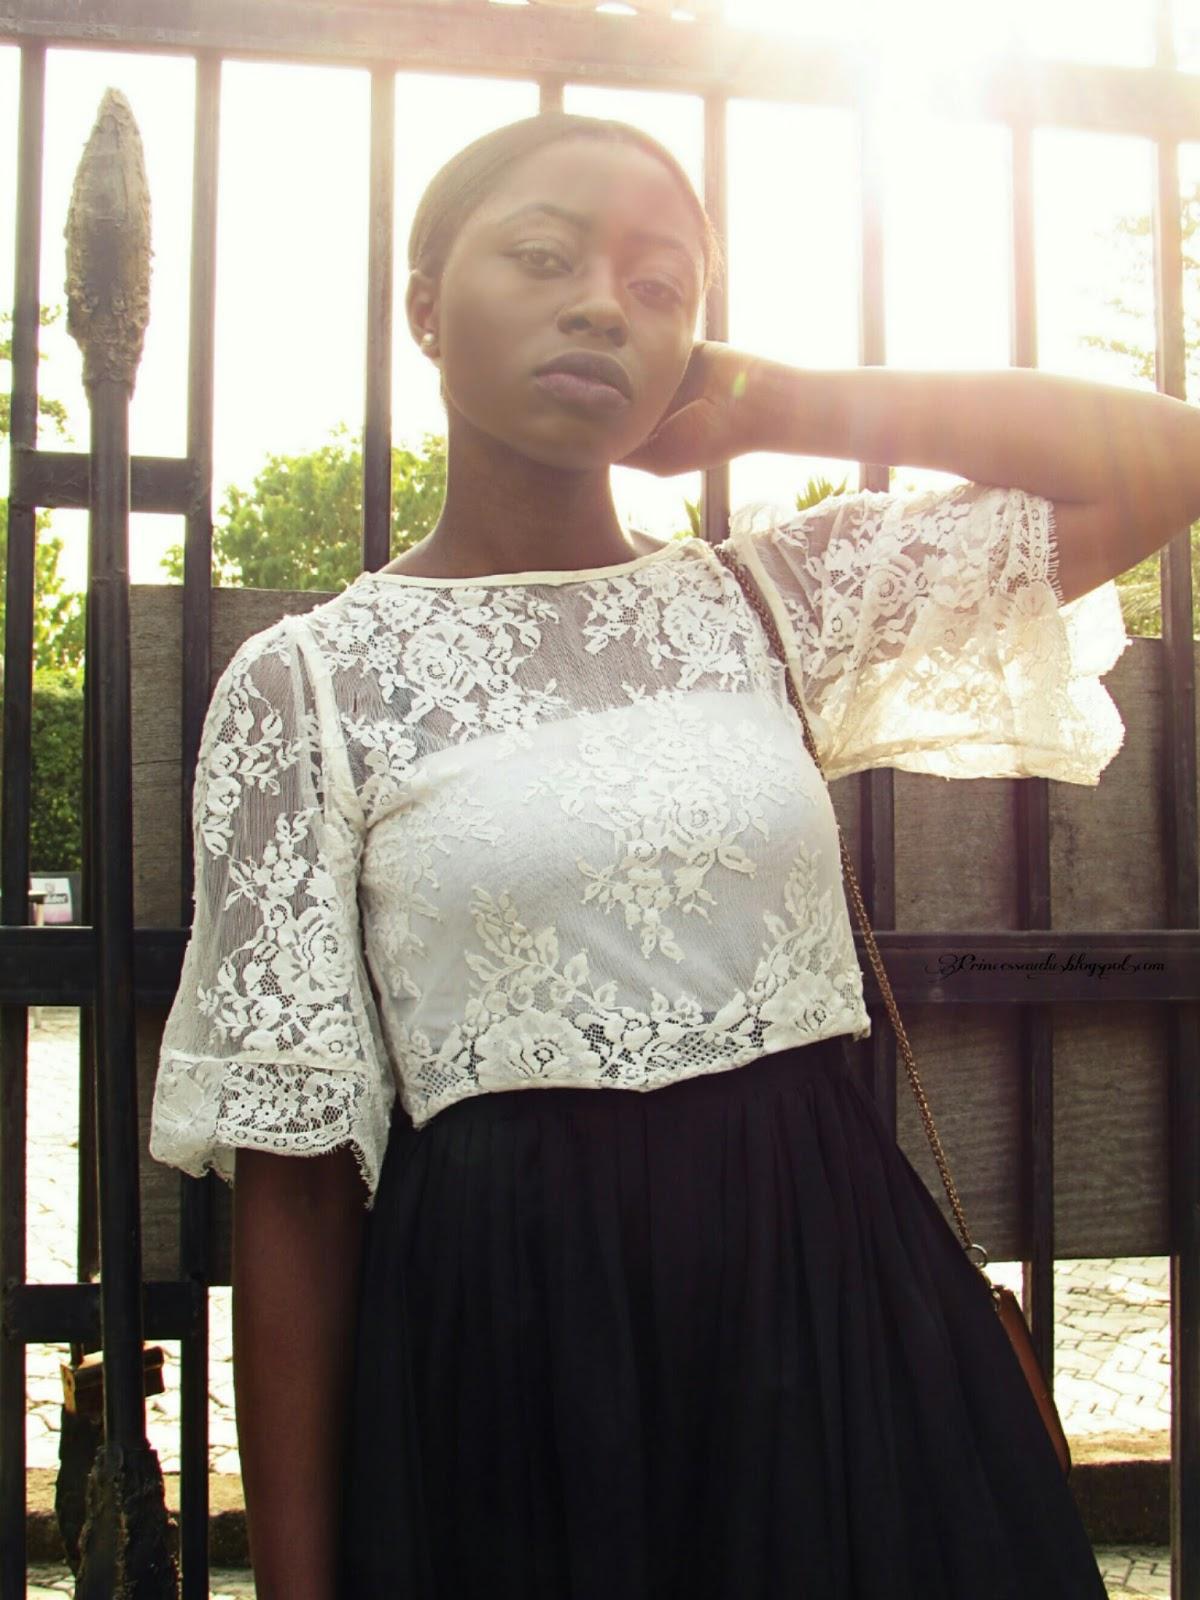 Monochrome, black and white,  lace